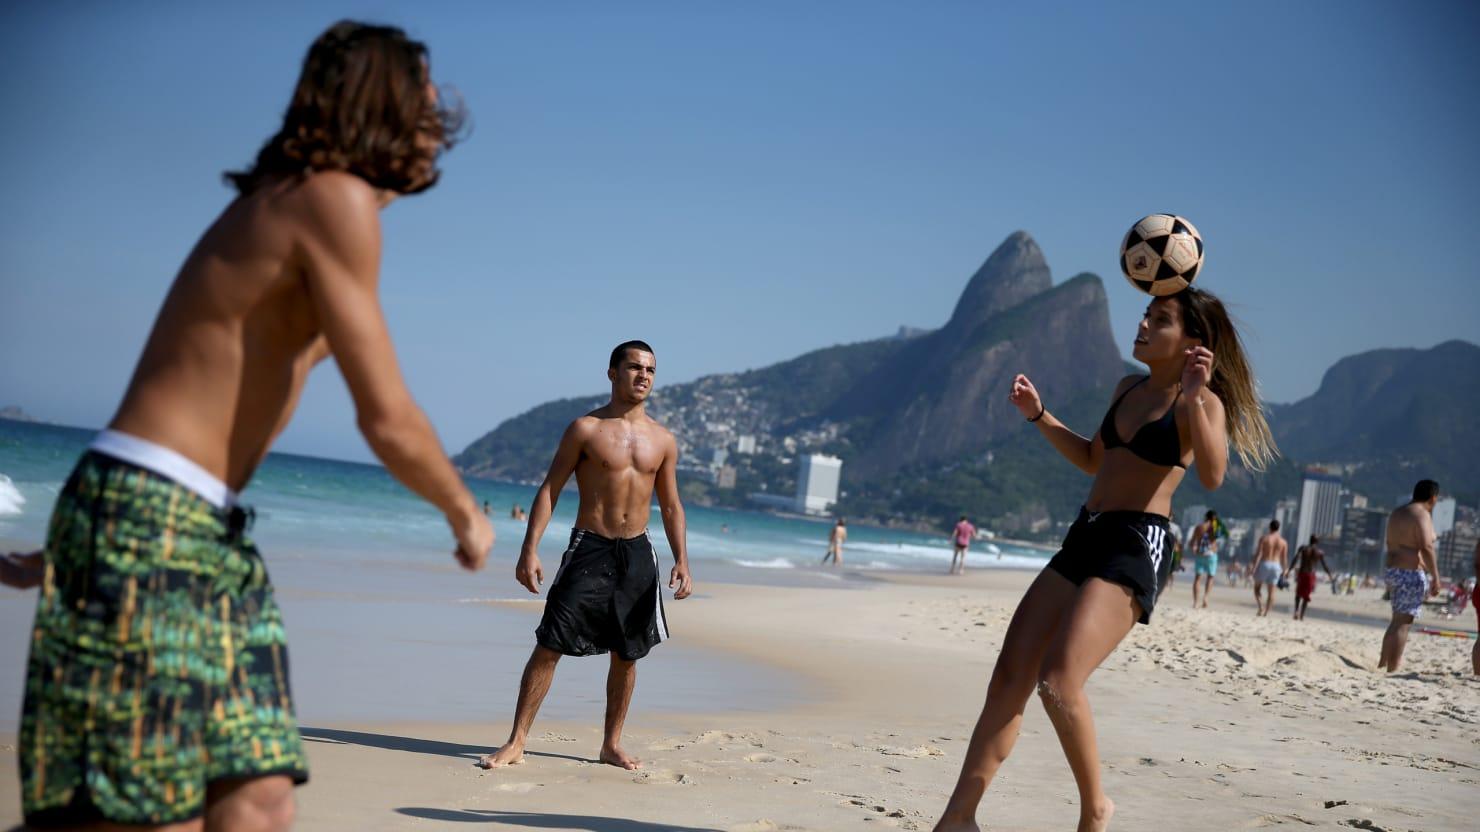 Girl porn young bikini girls ipanema beach